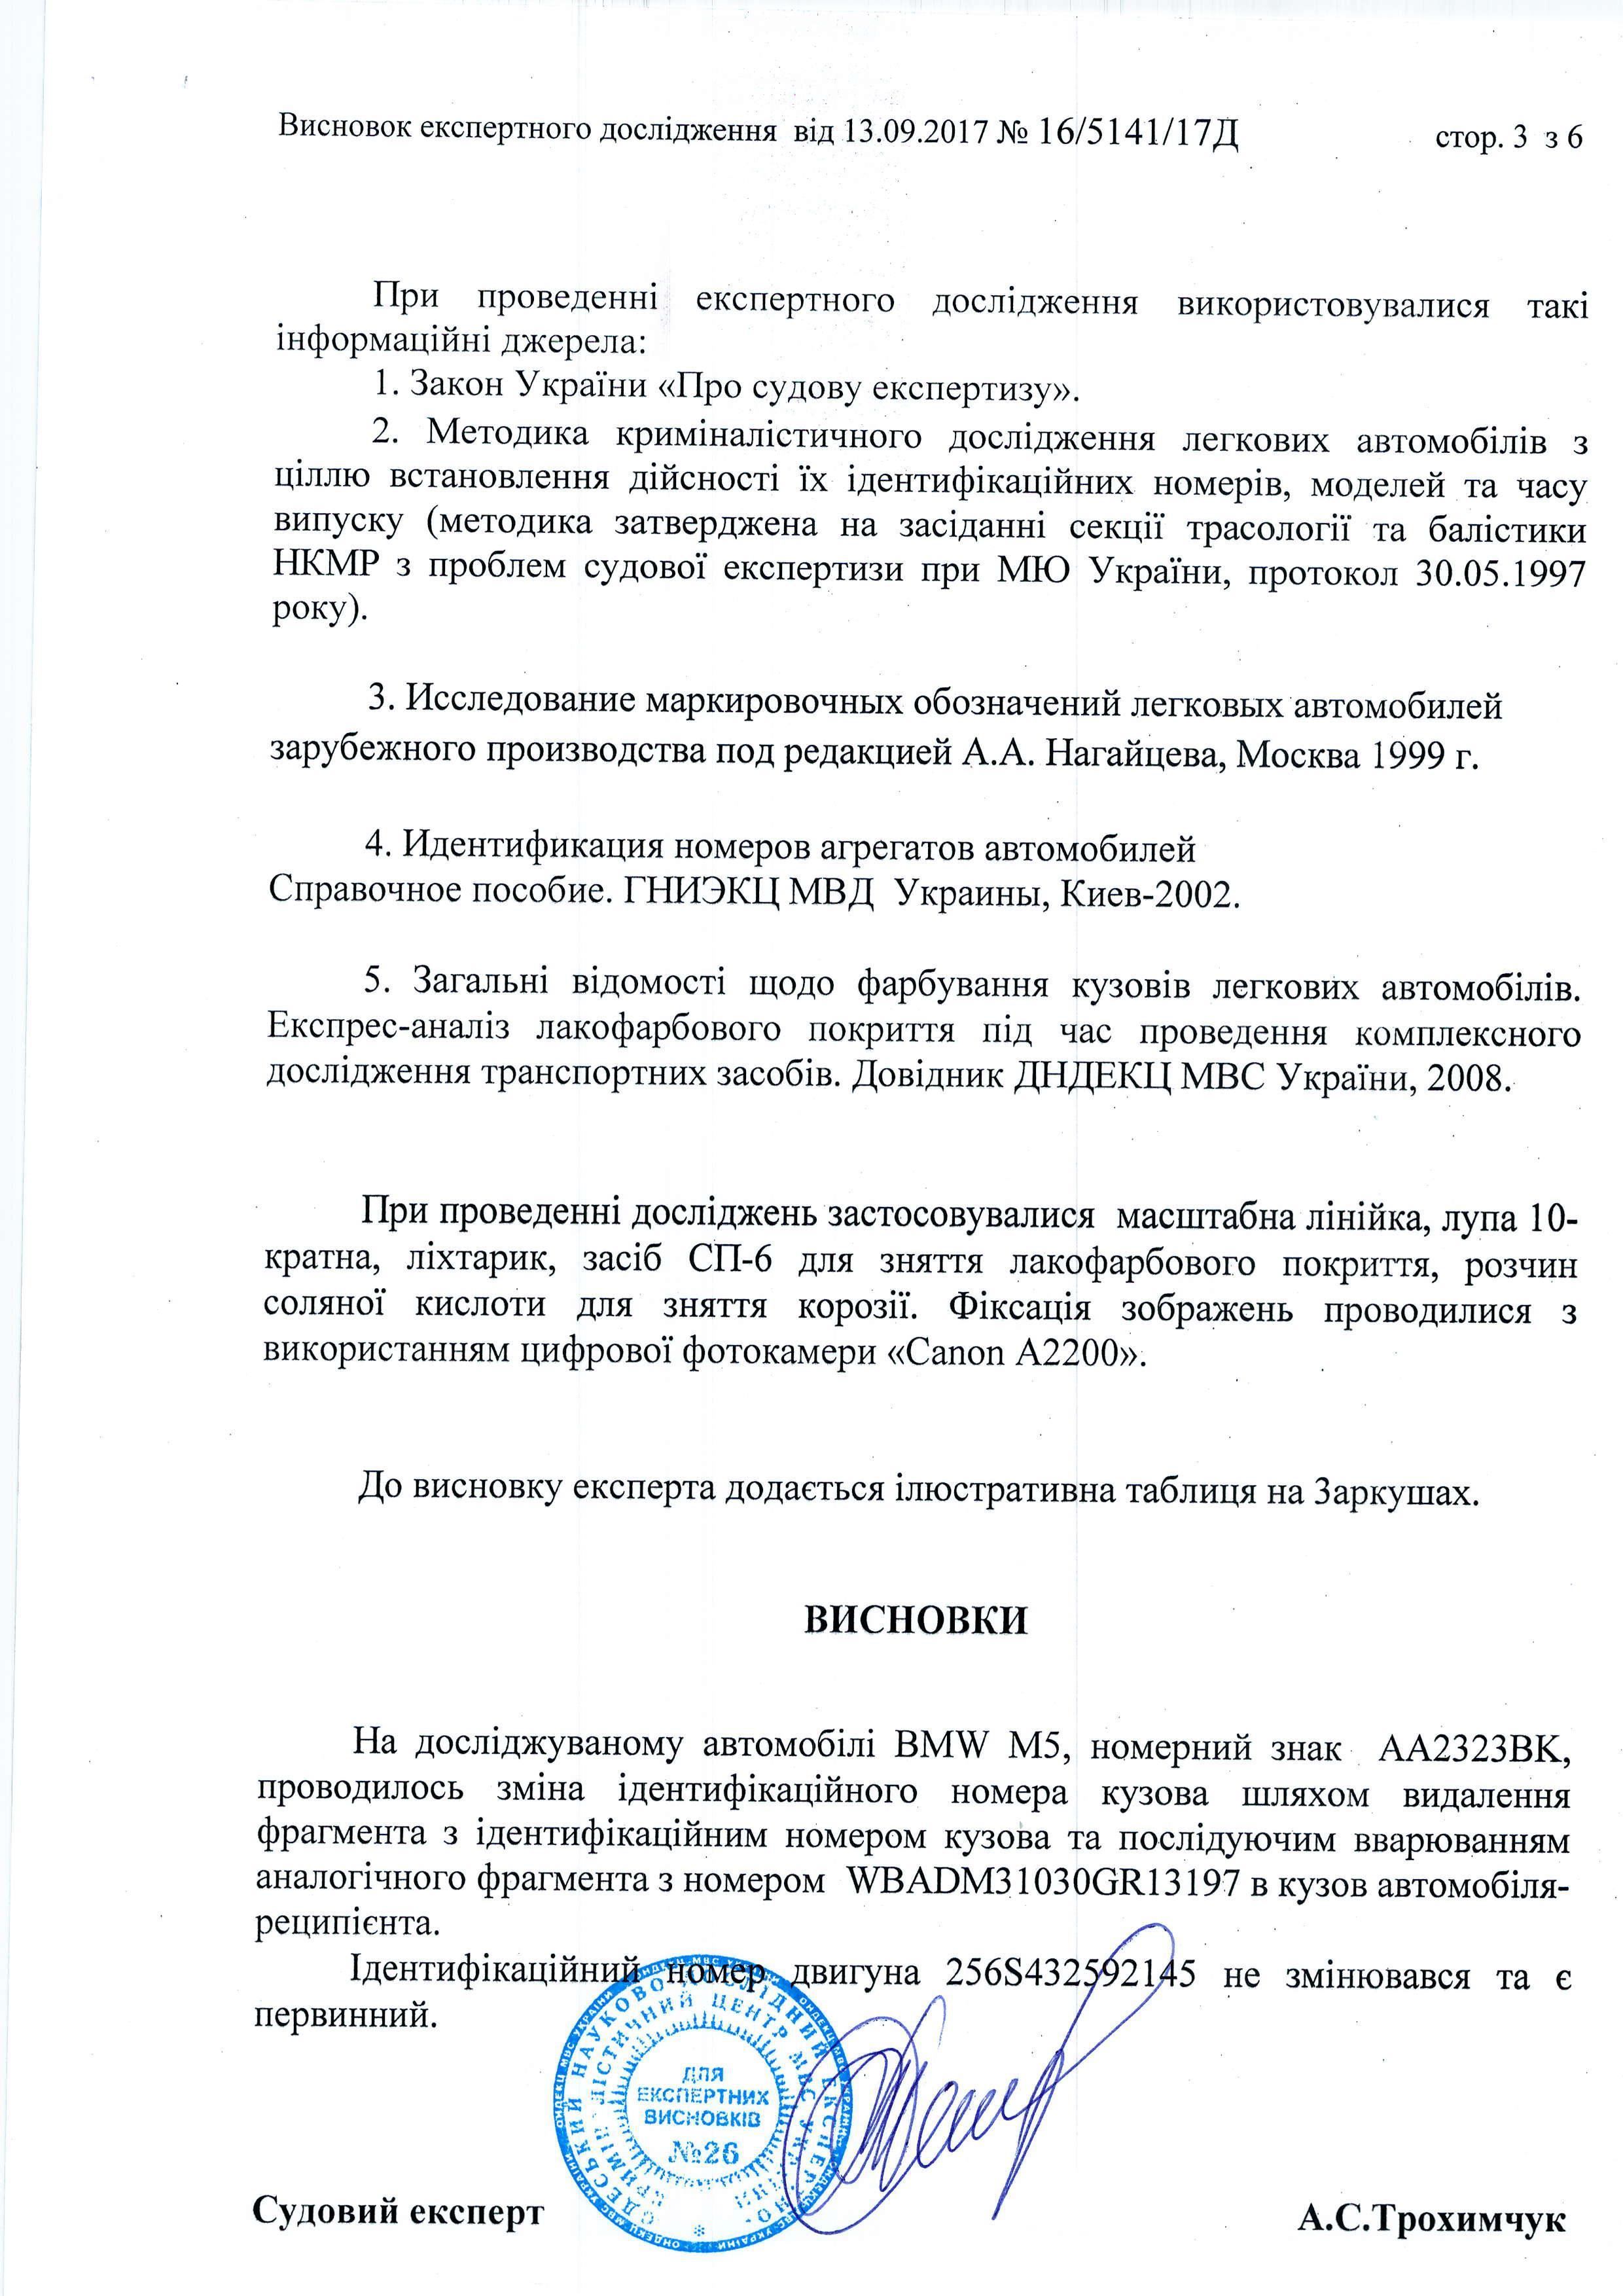 image http://forum.setam.net.ua/assets/images/79-WO4yOJvtz8le10hB.jpeg